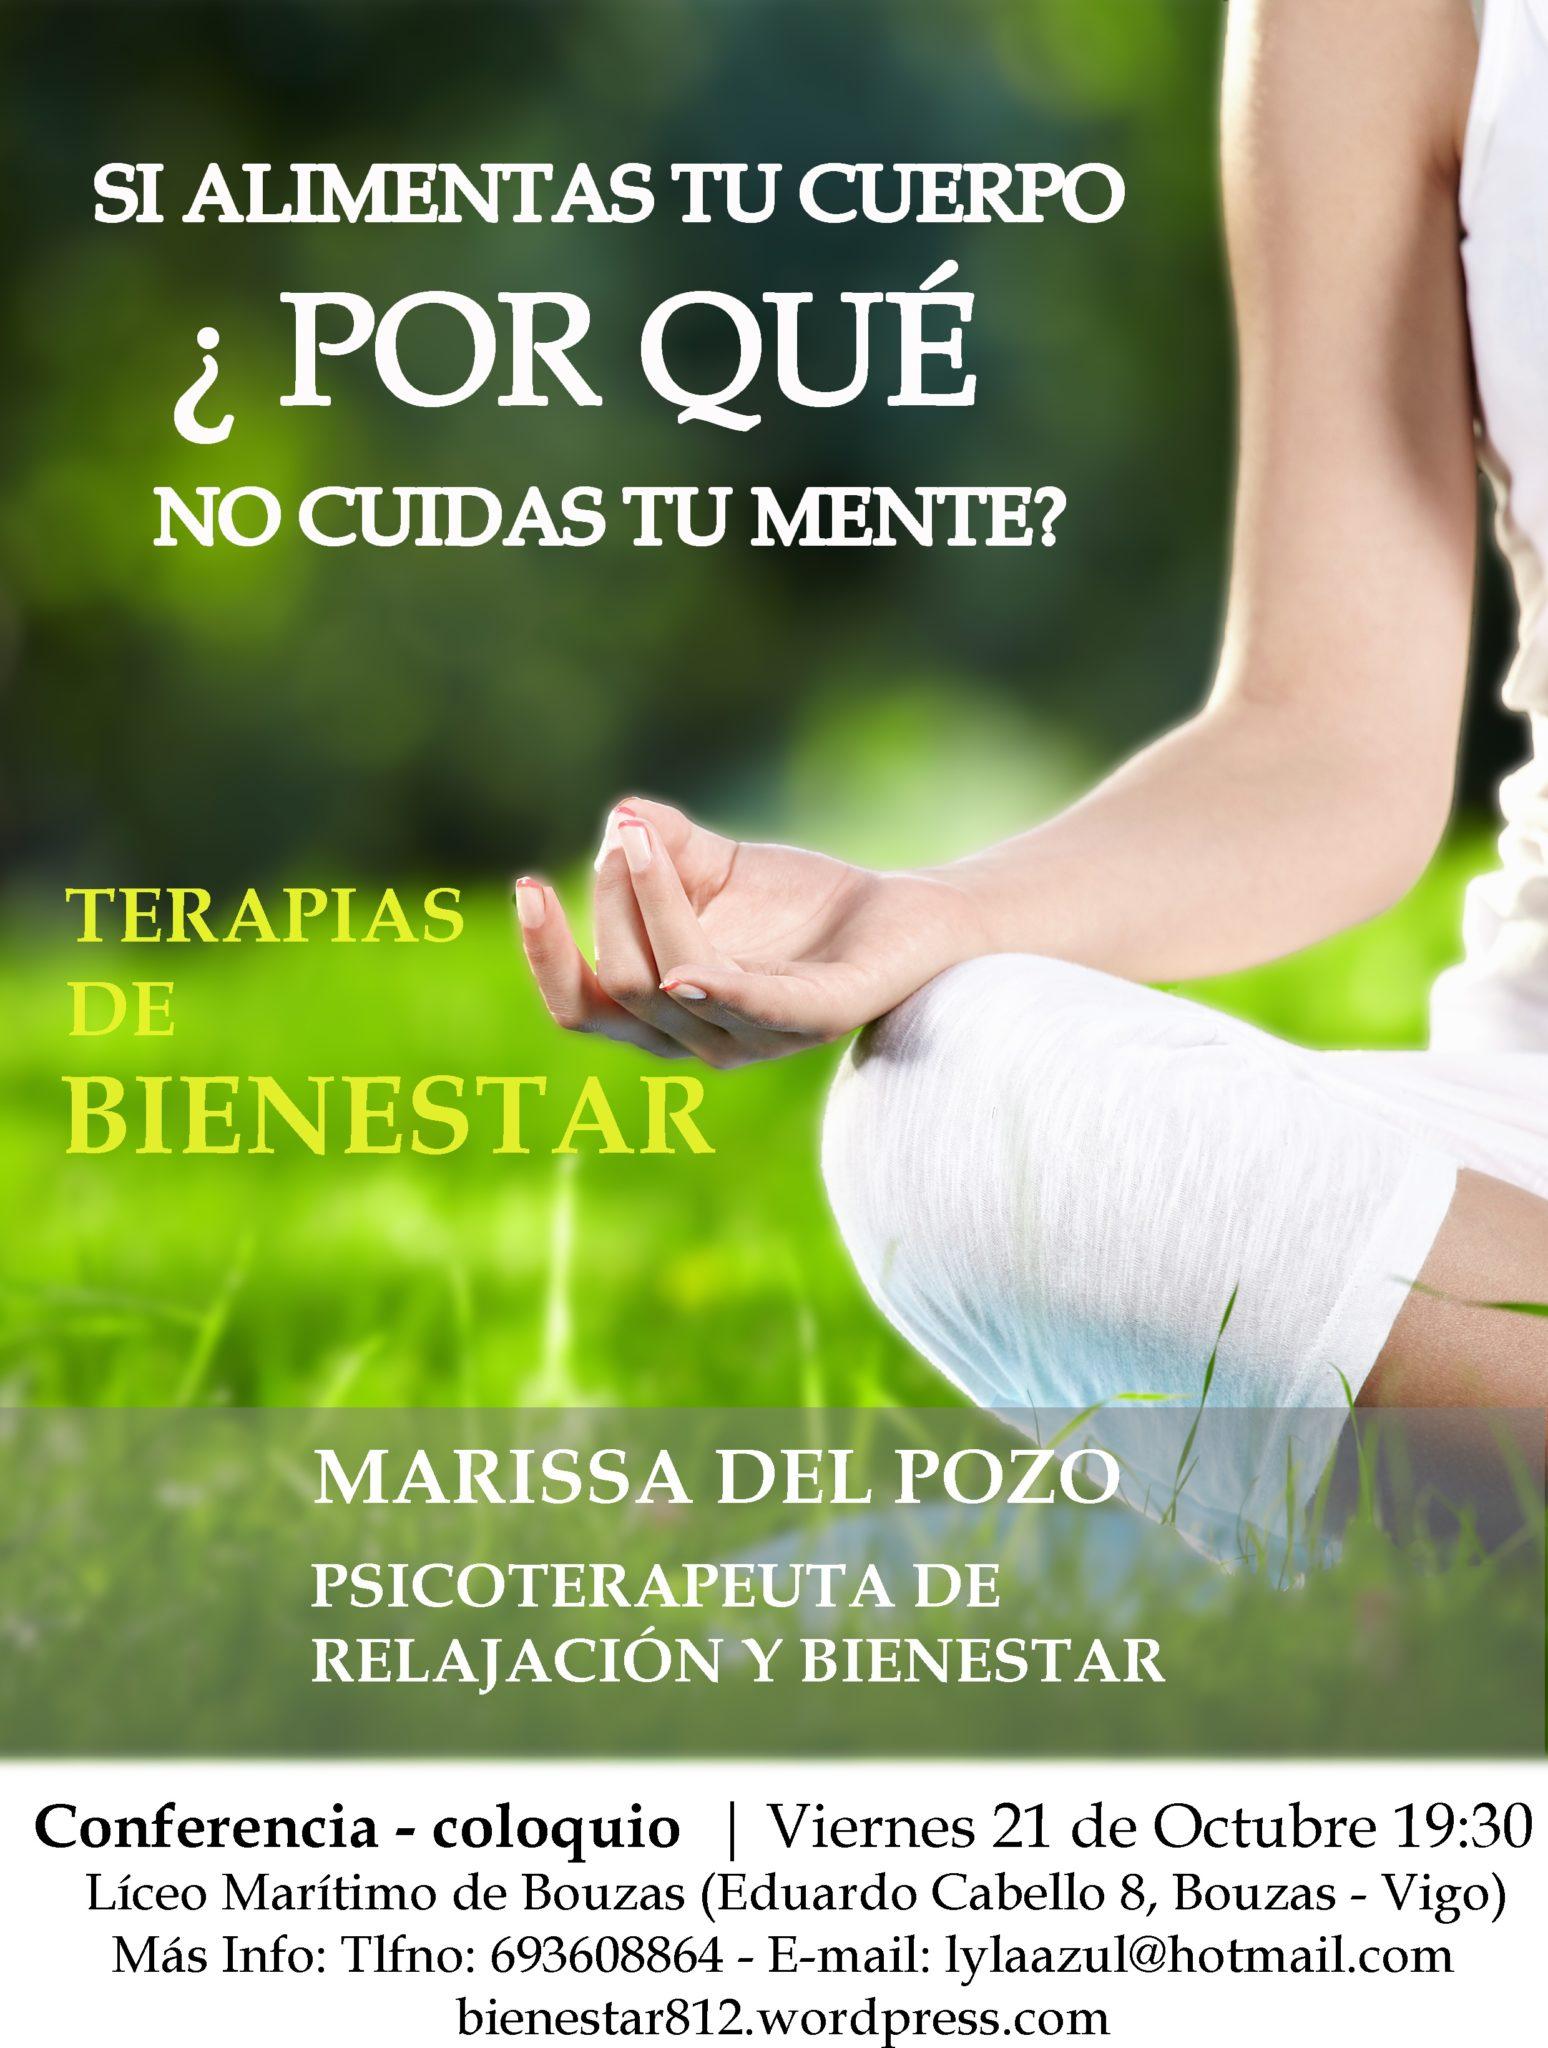 Conferencia coloquio viernes 21 a las 19.30 h. Marissa del Pozo Psicoterapeuta de relajación y bienestar. Acceso publico.